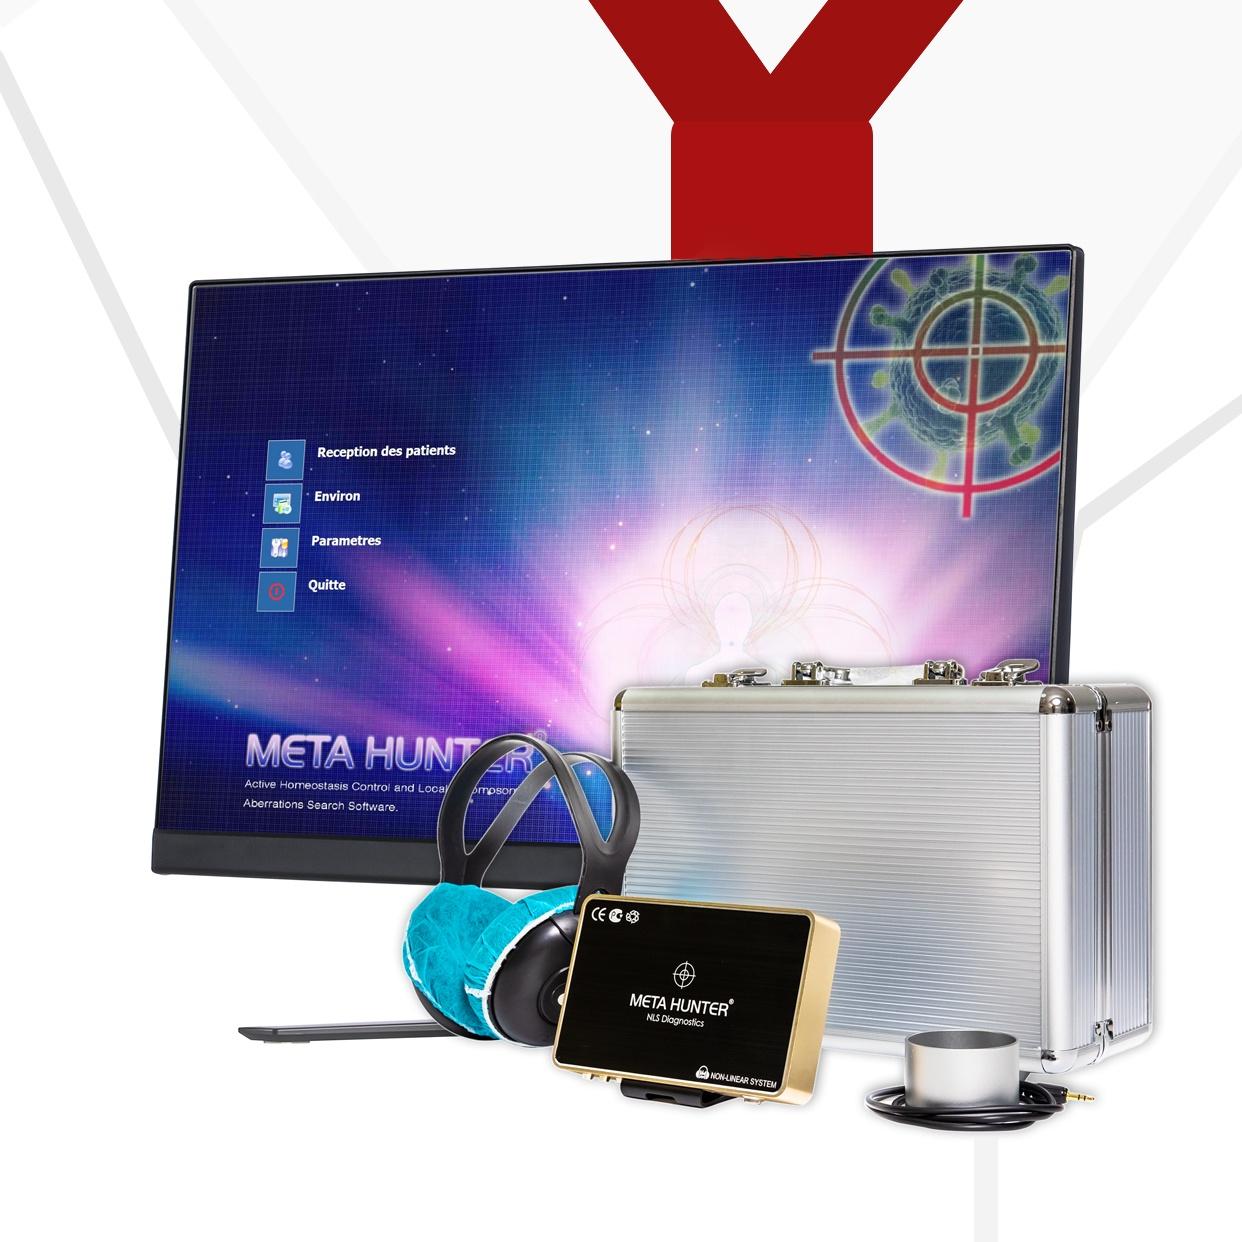 Медицинское сканирование/терапия/анализ товаров METATRON 4025 HUNTER с металлическим клиническим программным обеспечением